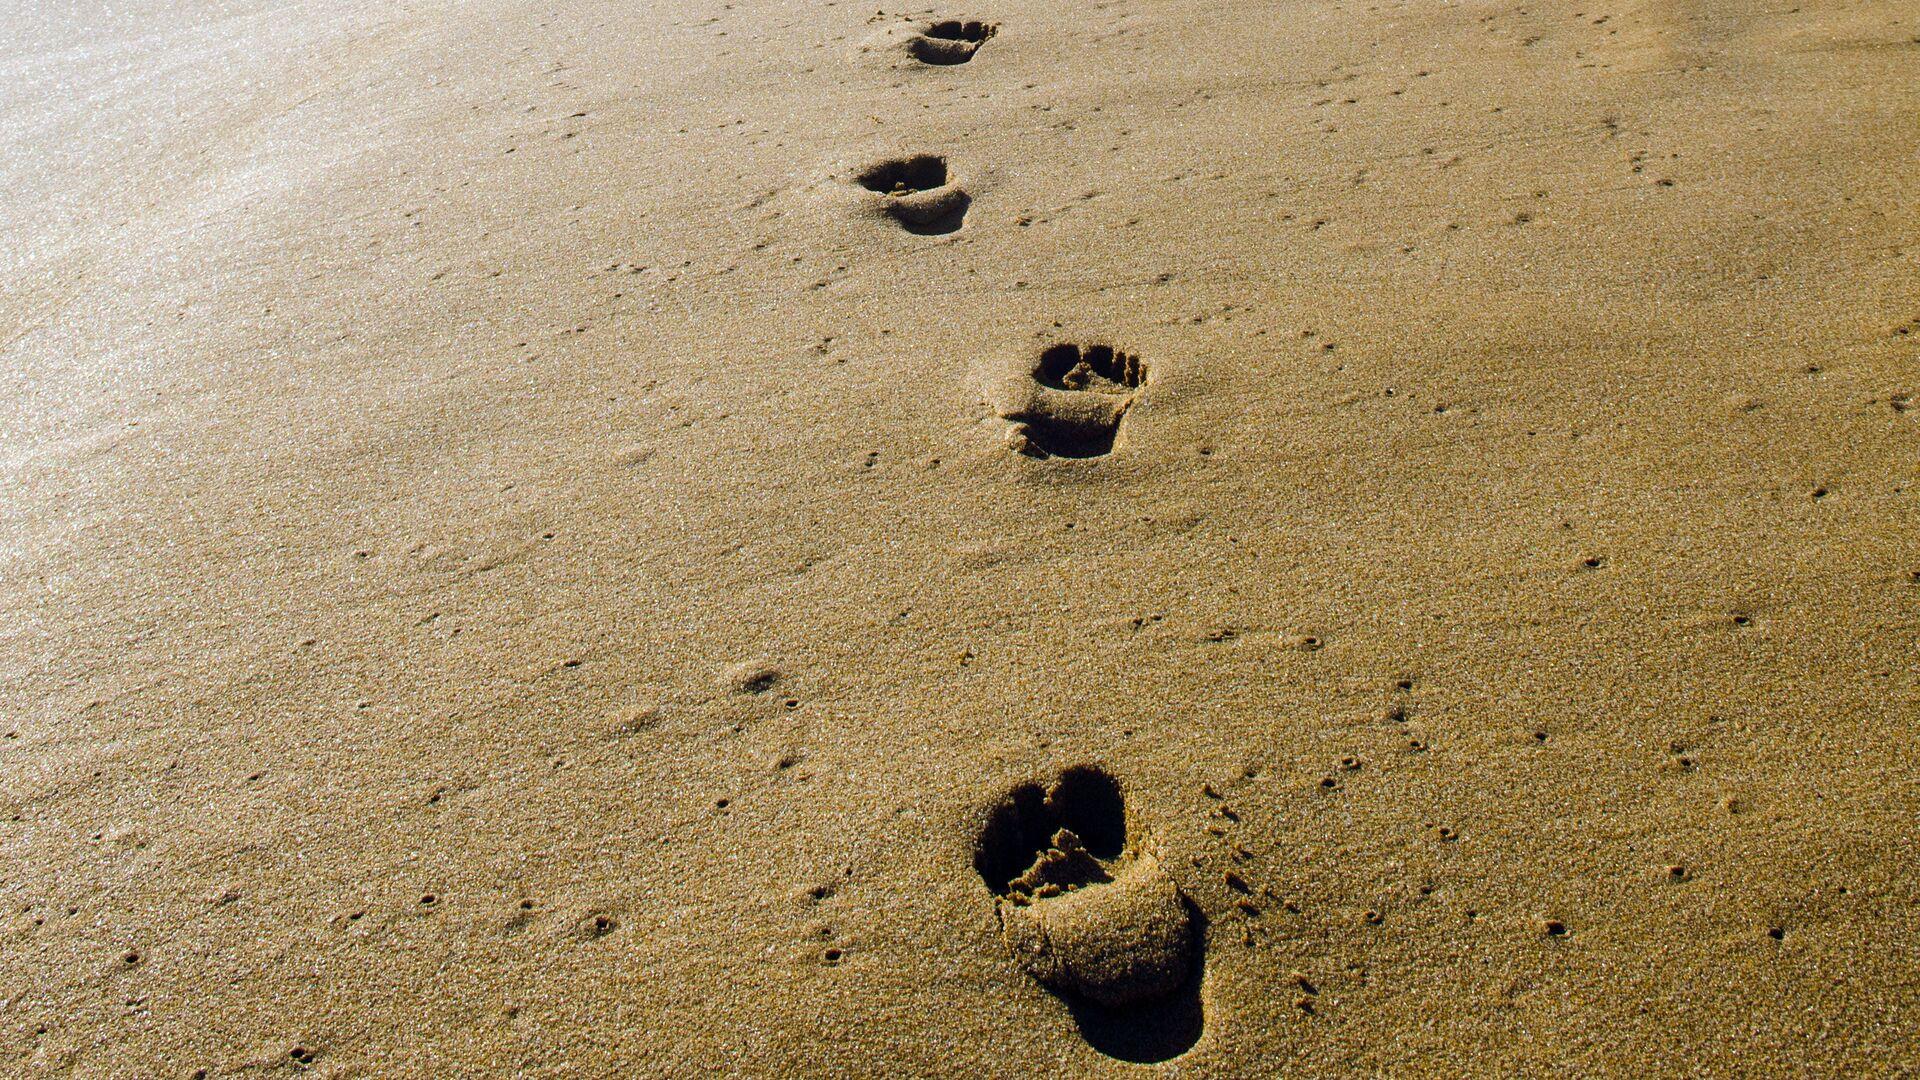 Следы на песке - Sputnik Латвия, 1920, 05.05.2021